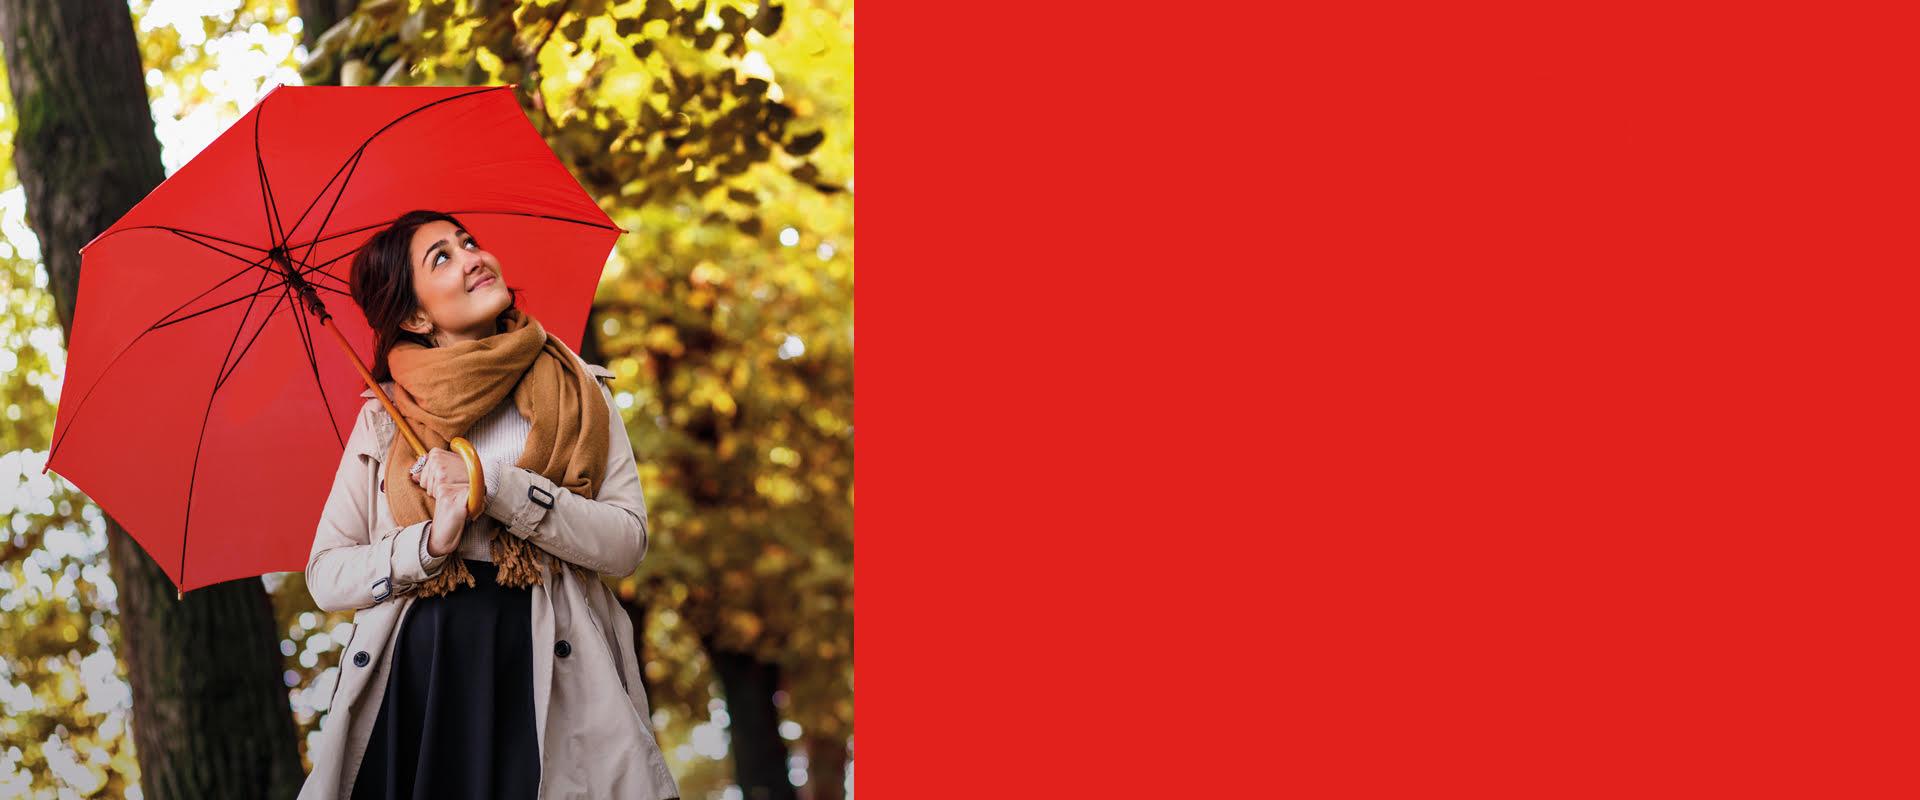 magia-del-otoño